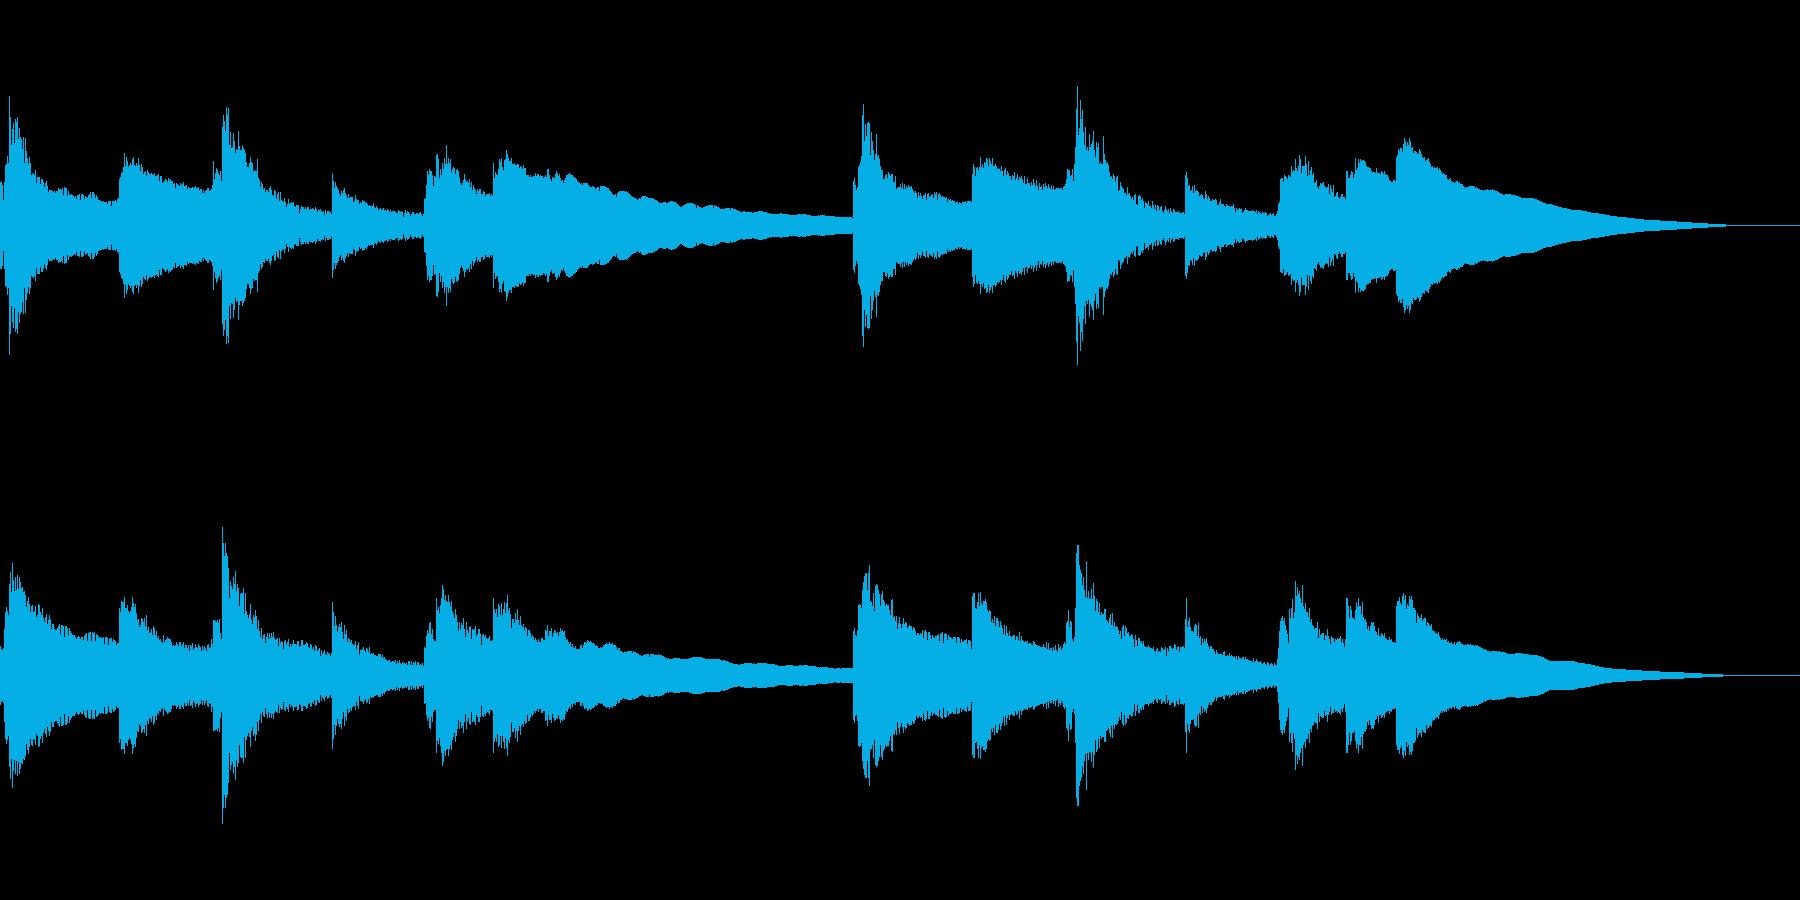 ゆったりとしたバラードBGMの再生済みの波形